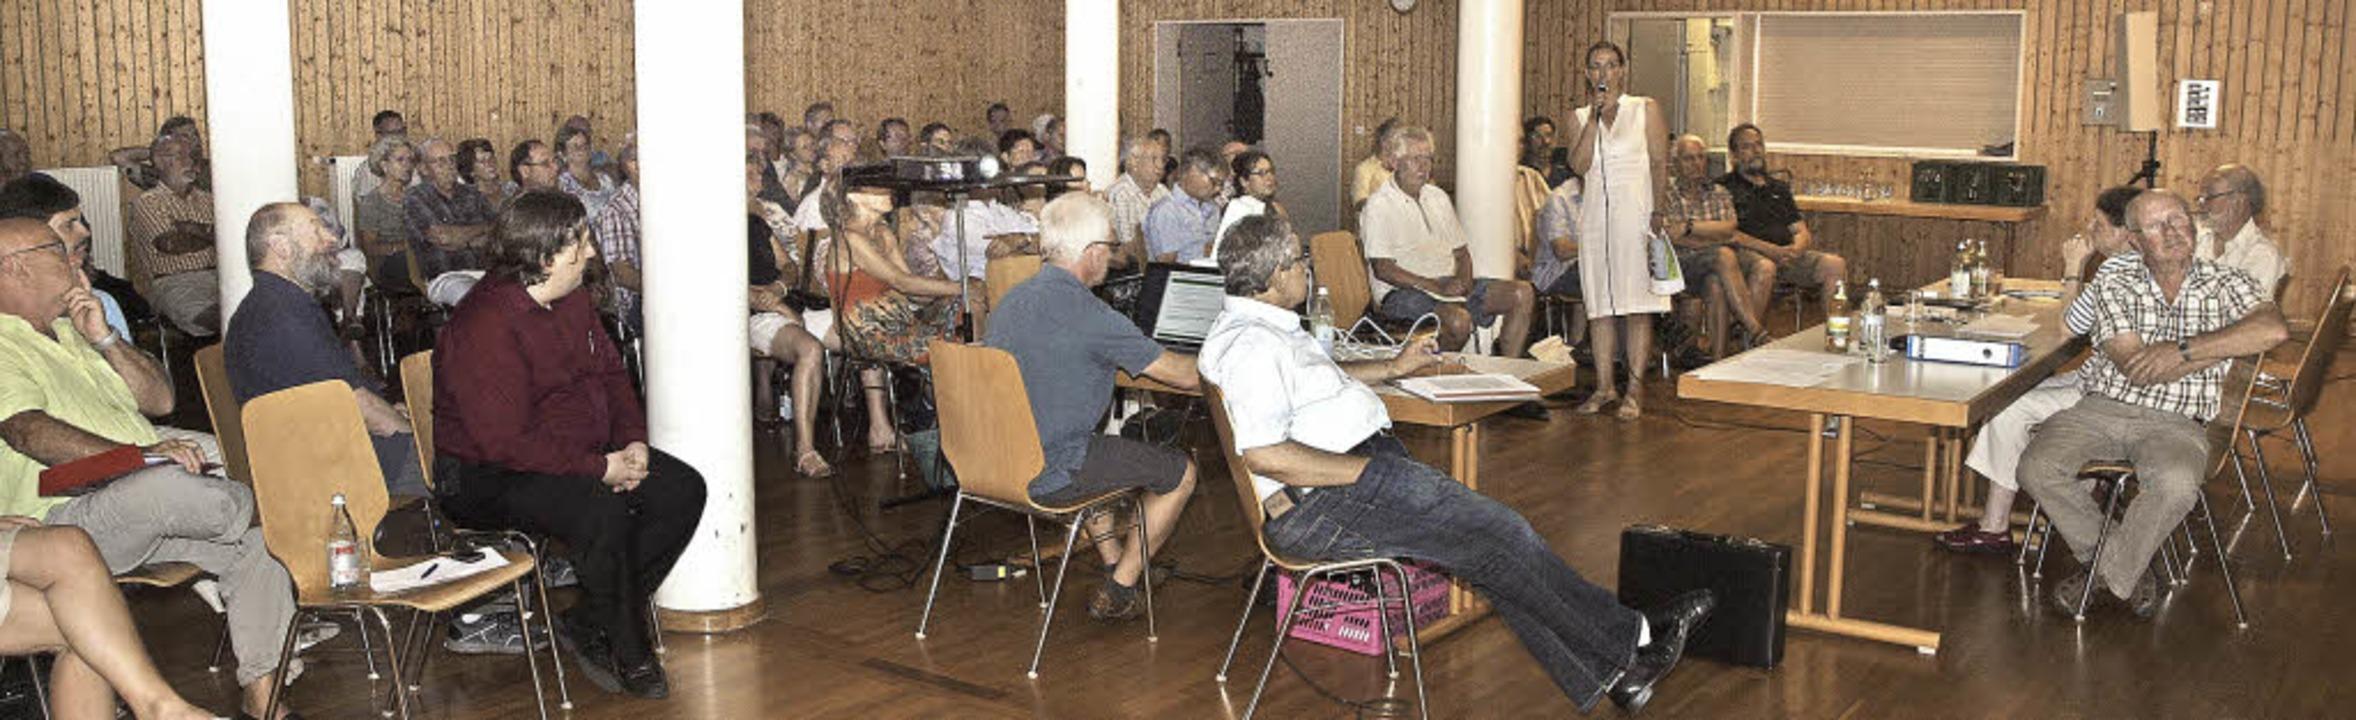 Ilga Richter von der Bürgerinitiative ...Veranstaltung im Endinger  Bürgerhaus.  | Foto: Michael Haberer